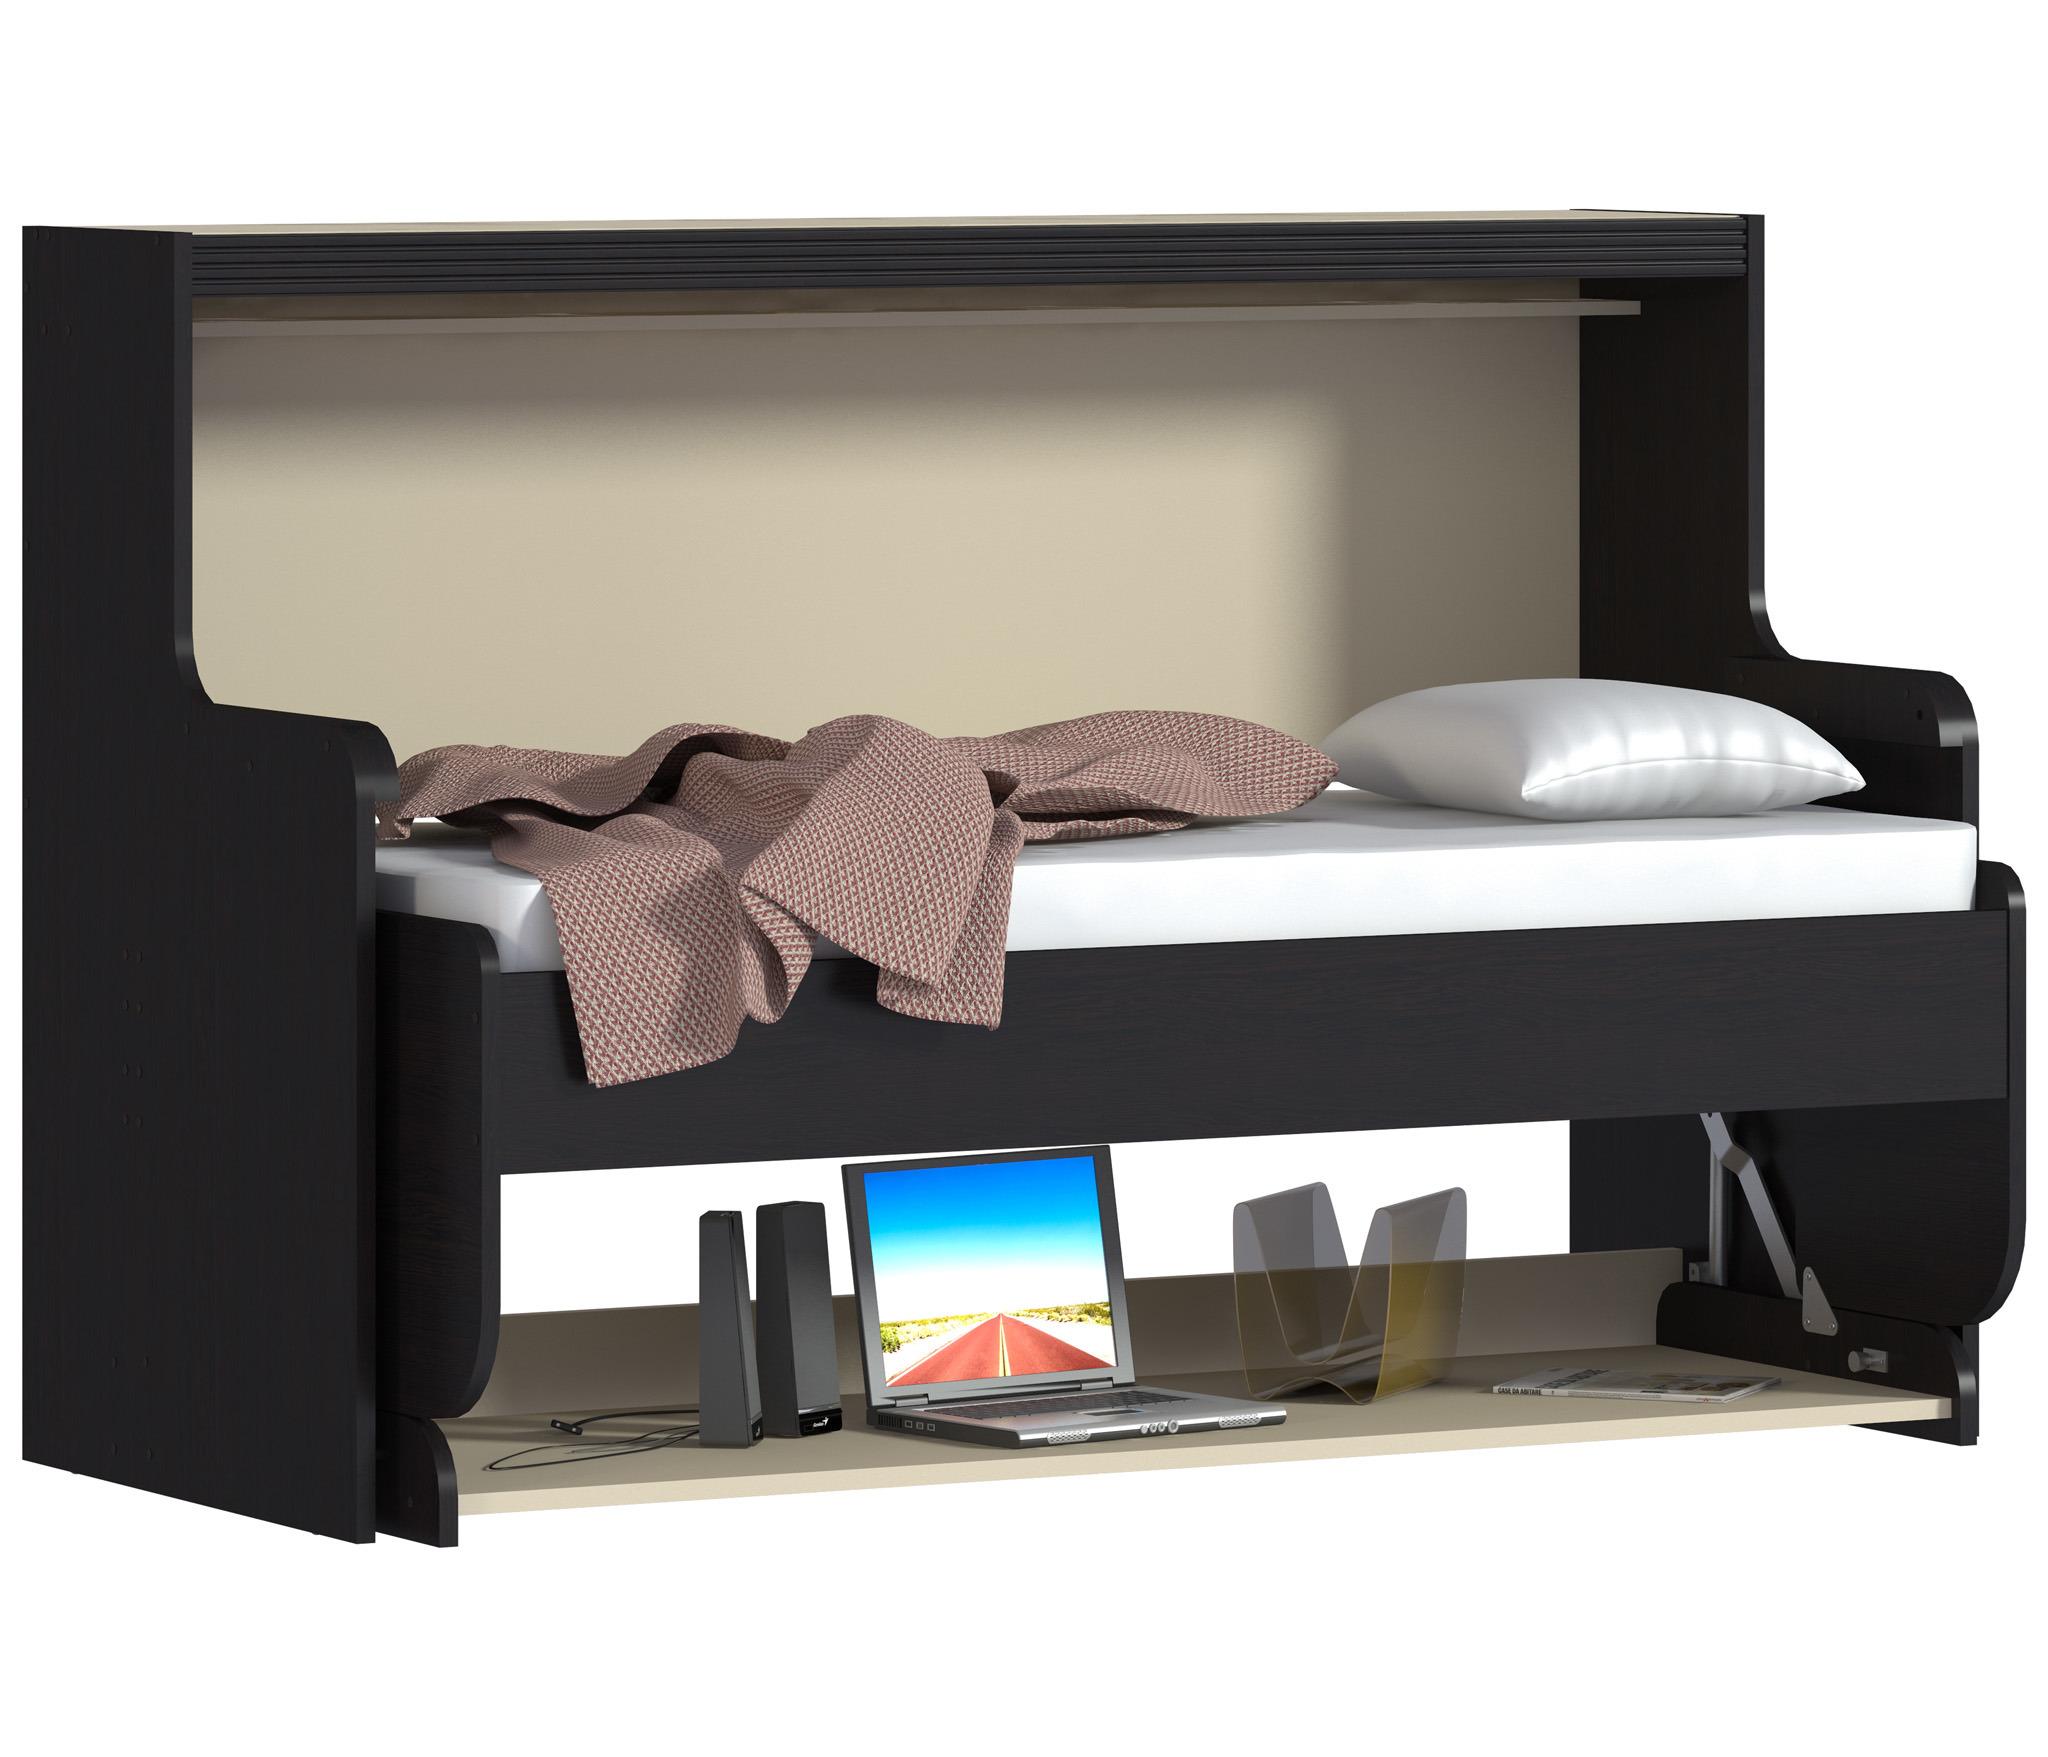 Детская двухъярусная кровать Столплит 15265090 от Столплит